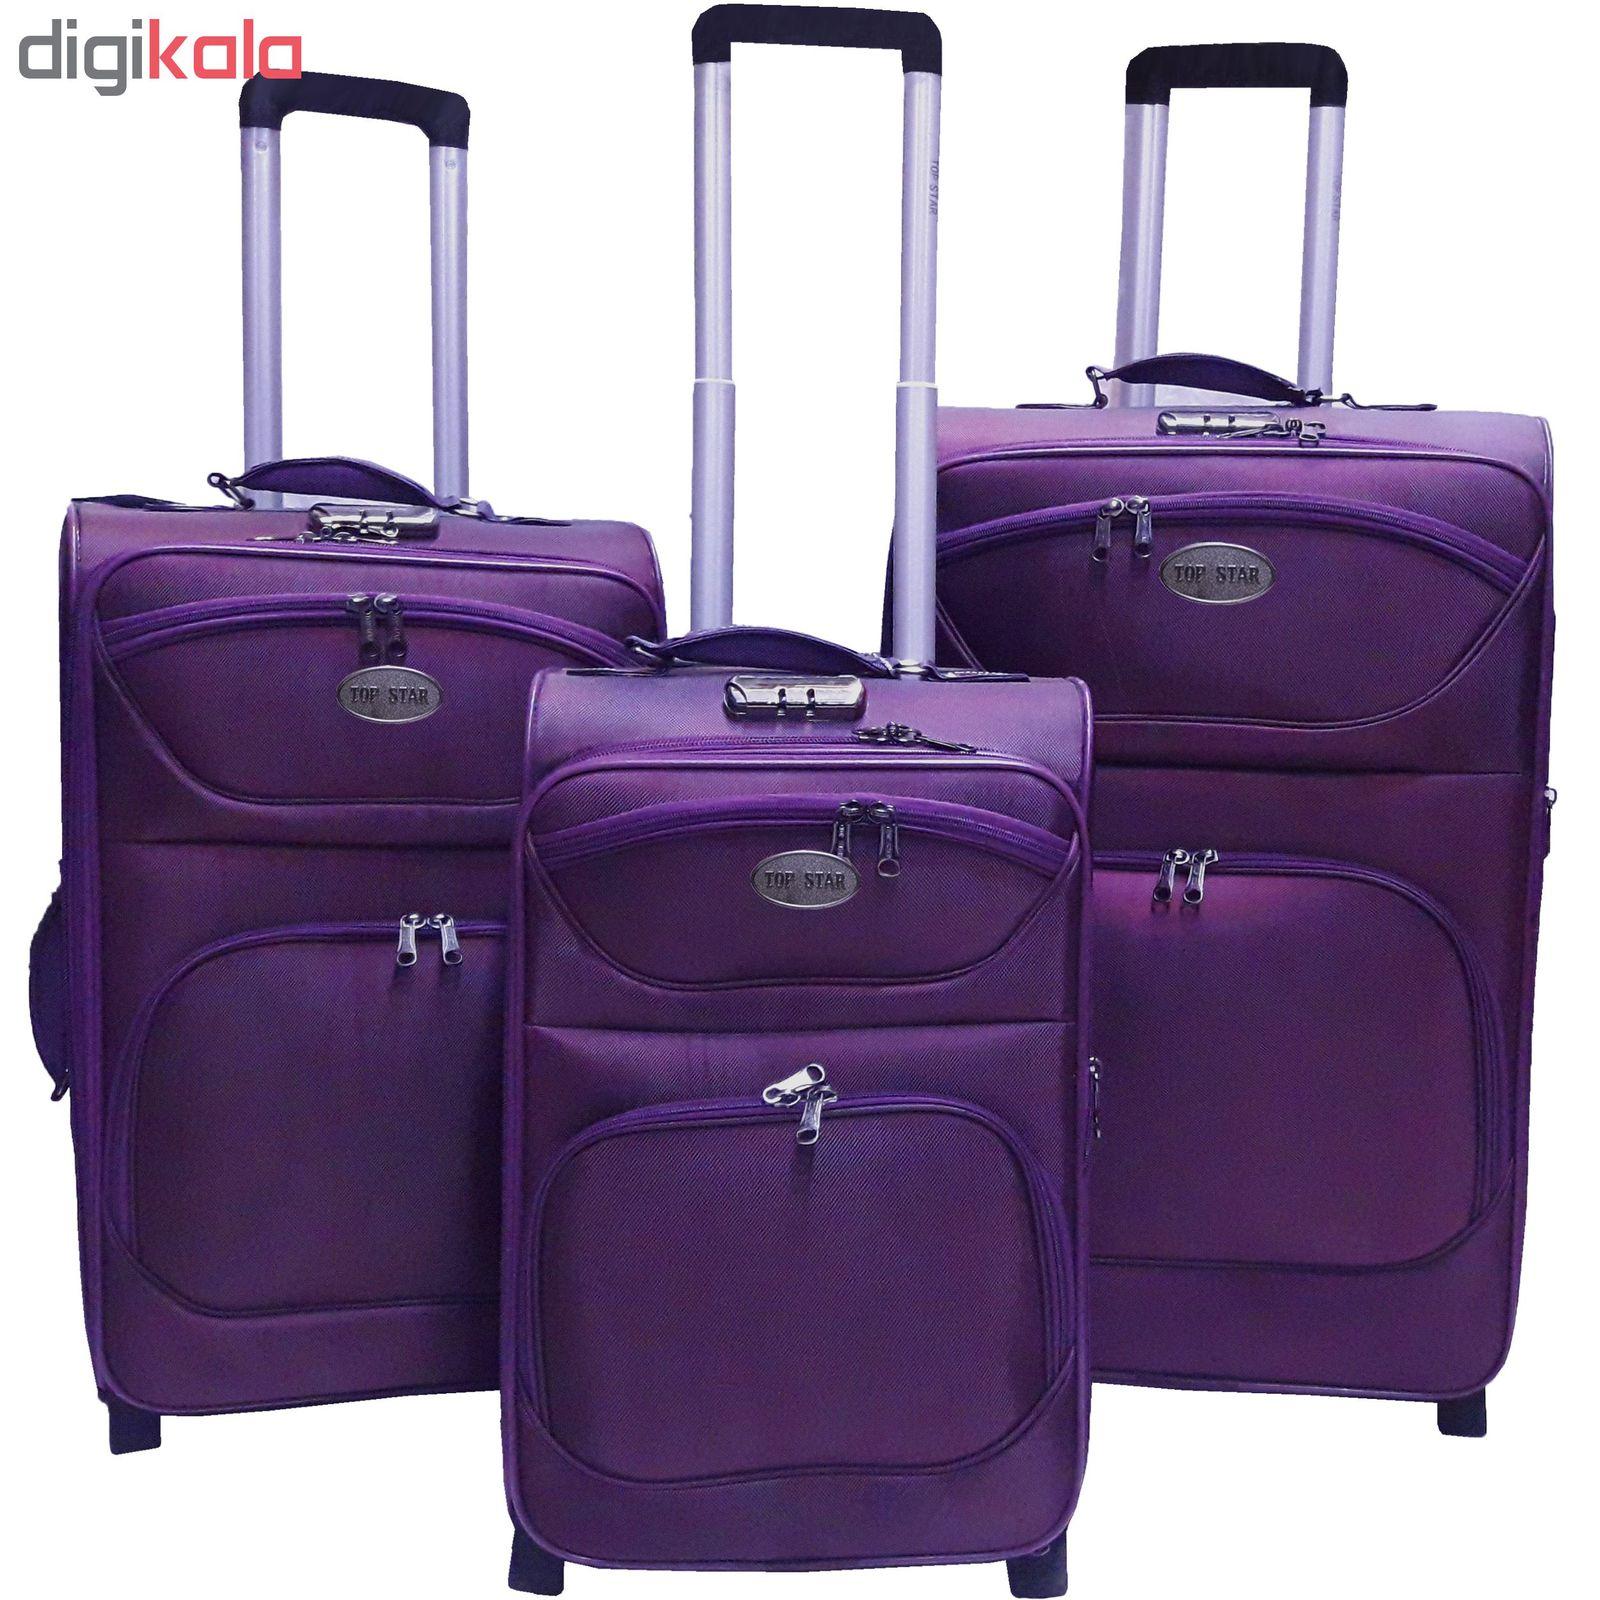 مجموعه سه عددی چمدان تاپ استار مدل newtop2 main 1 4